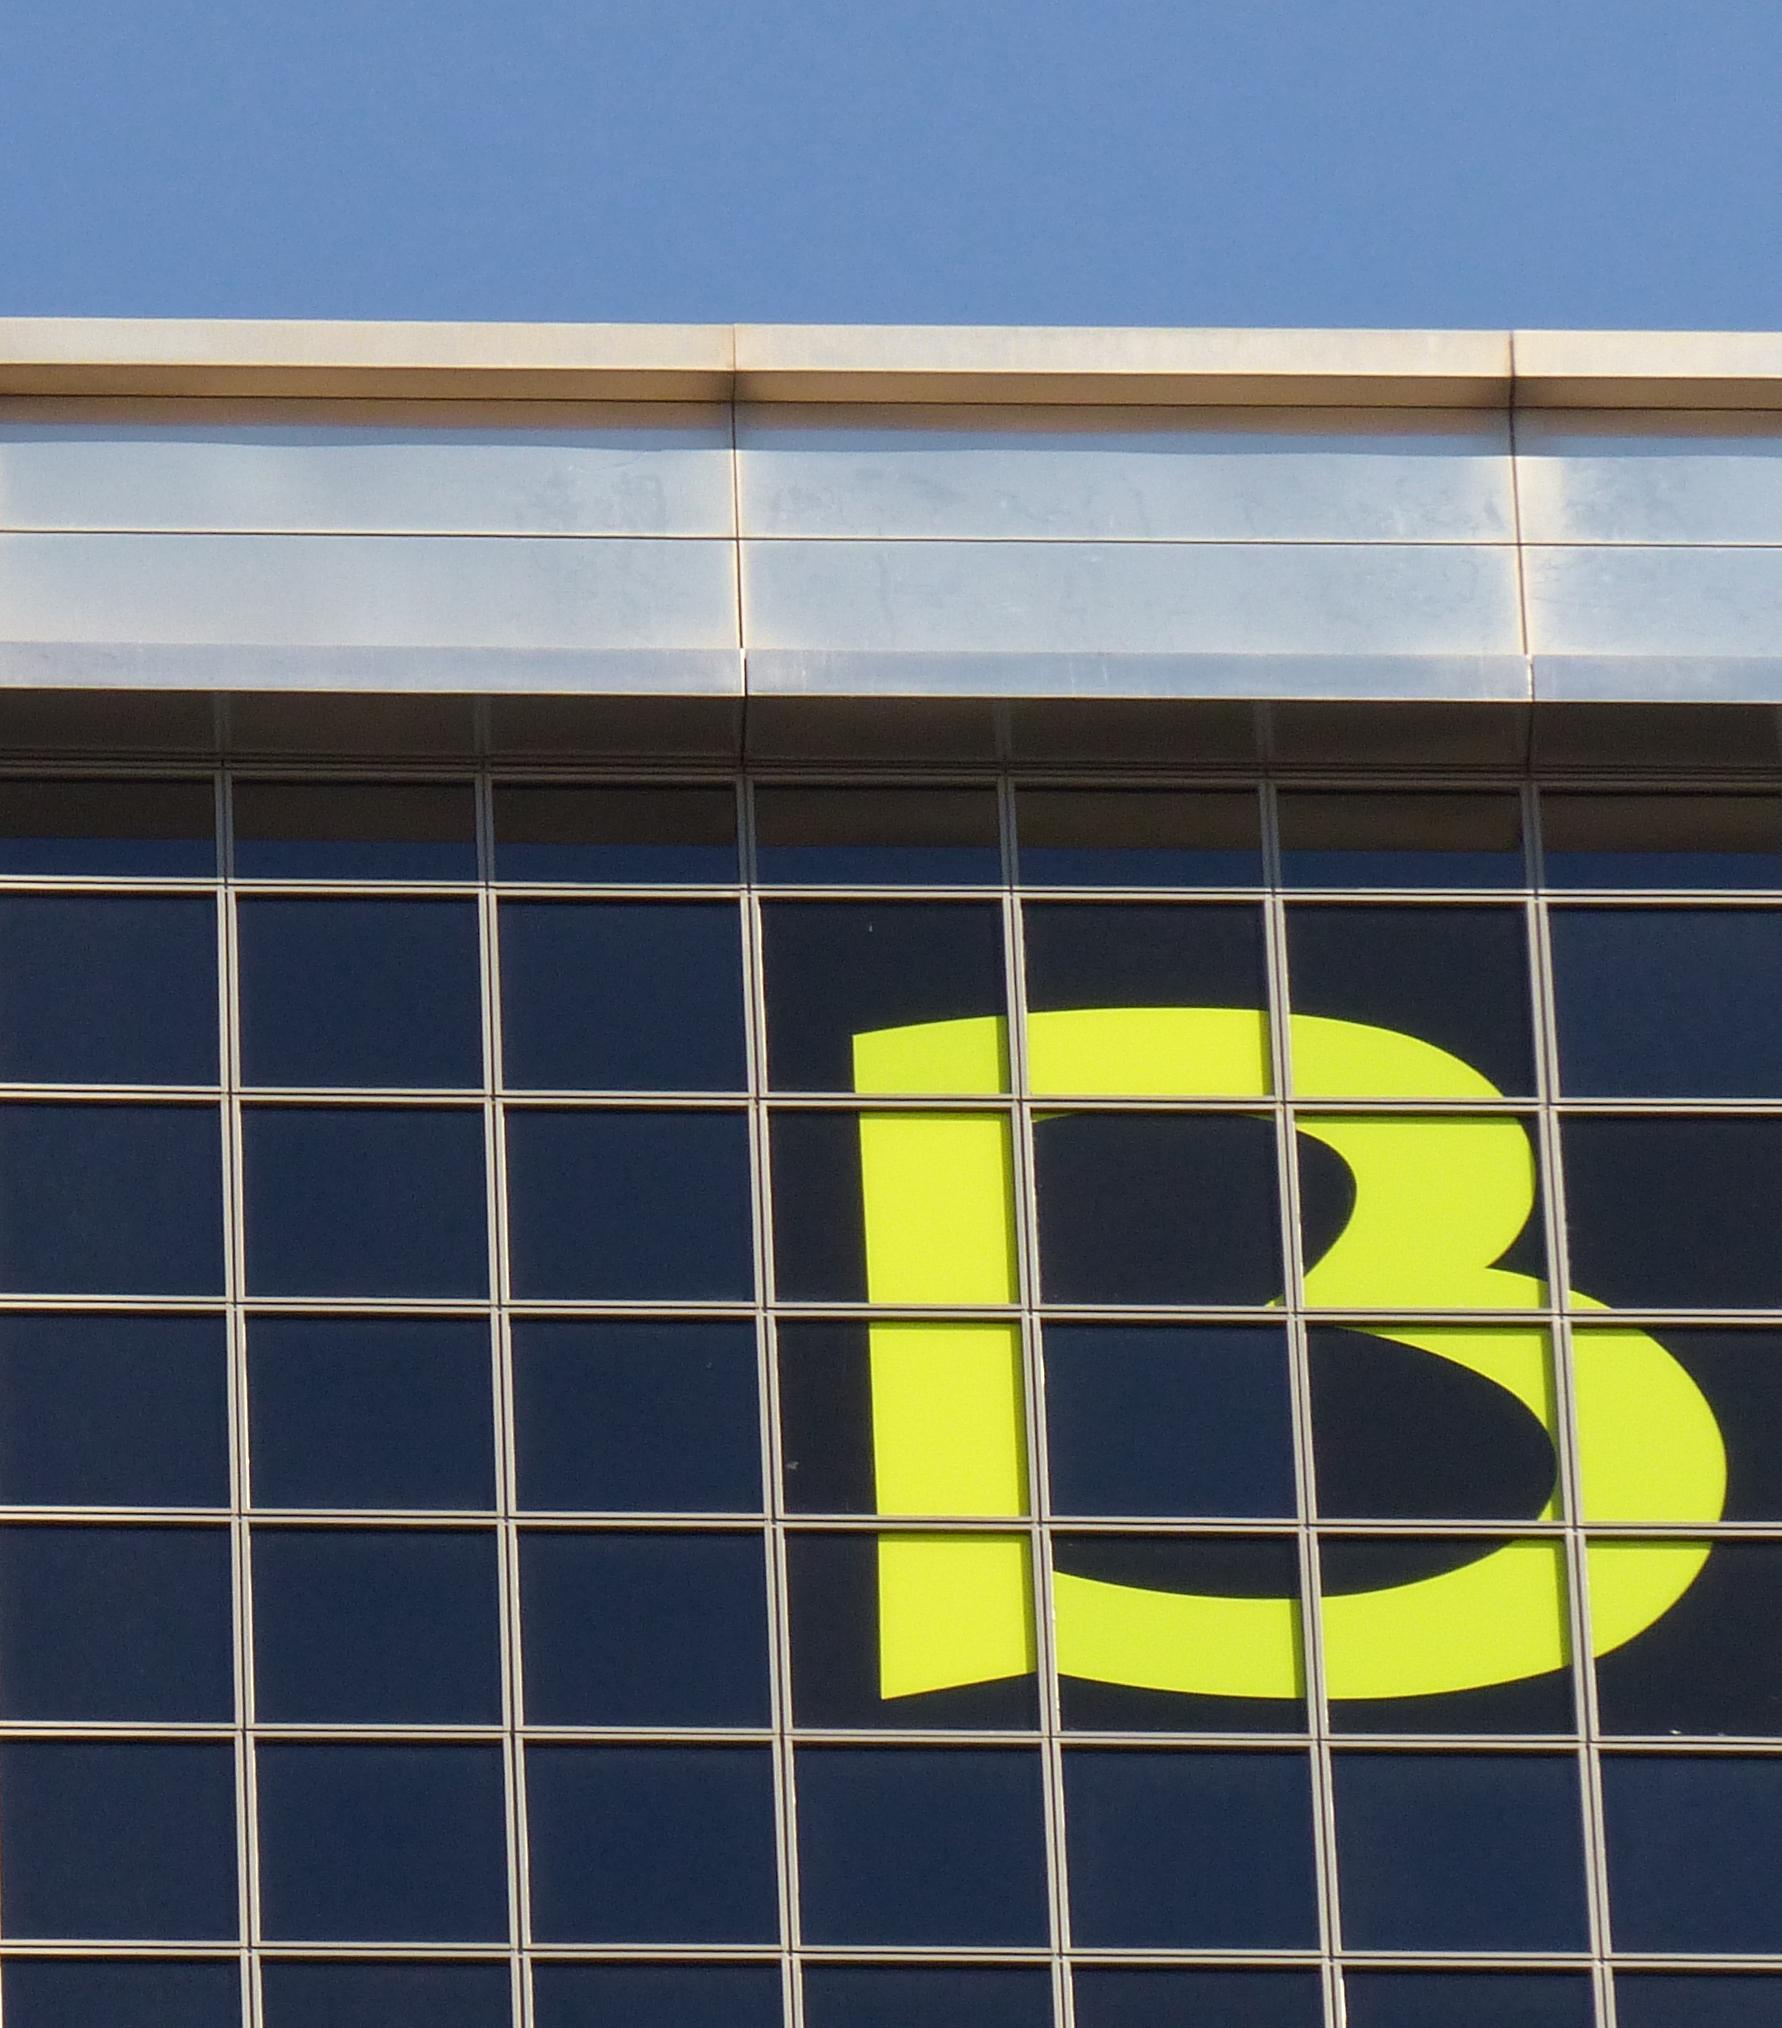 Bankia condena swap 1 Bankia condenada por un swap a indemnizar 2,3 millones a un colegio